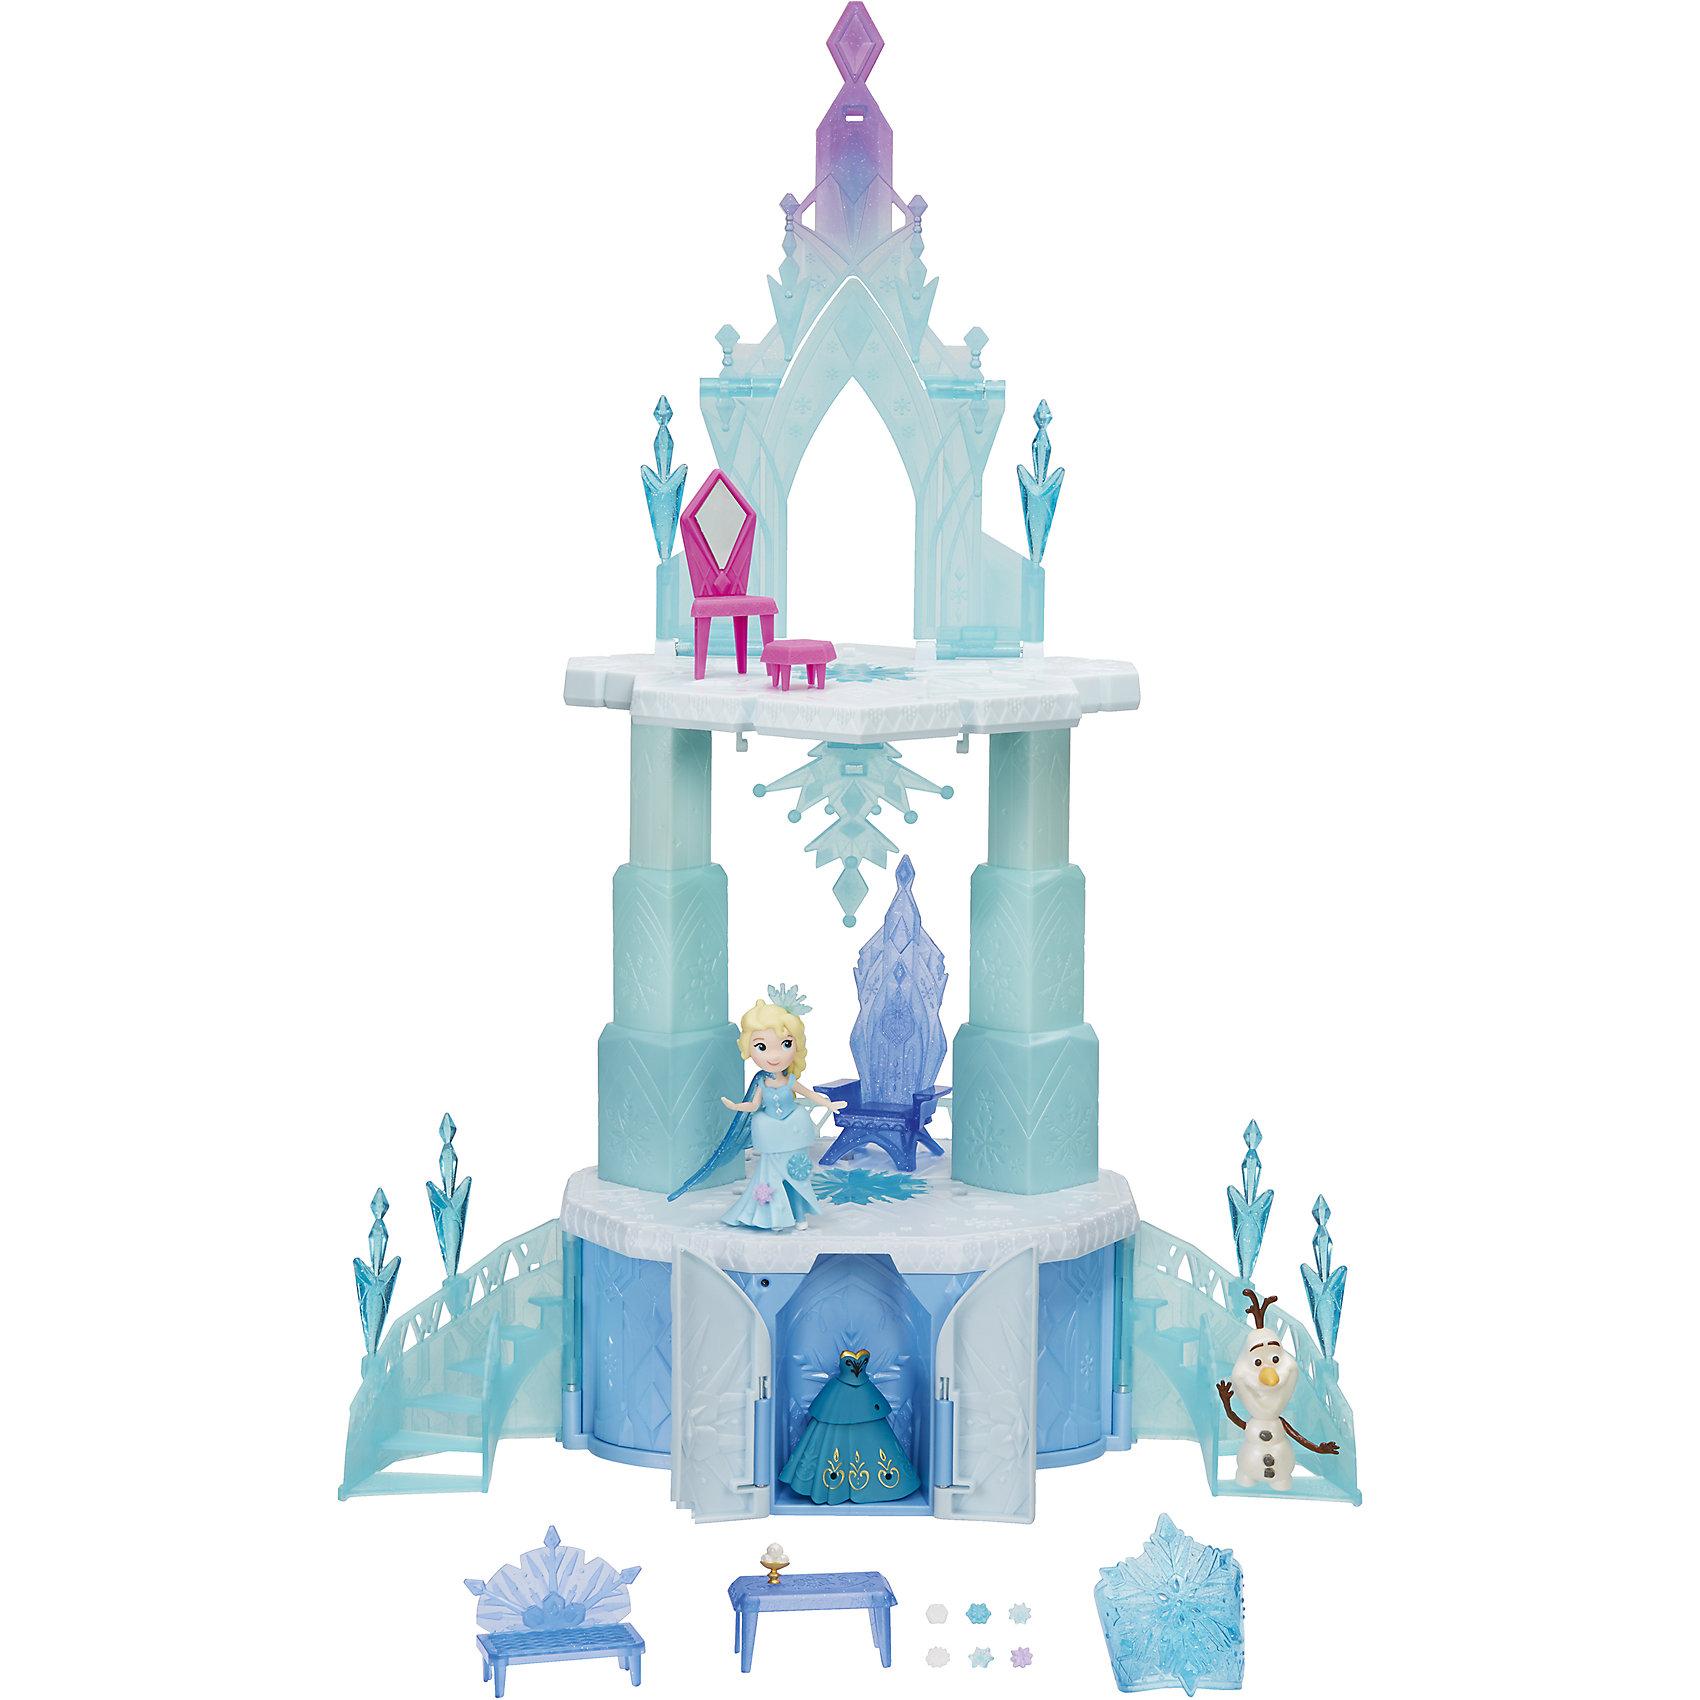 Большой замок для маленьких кукол Холодное сердце, HasbroДомики и мебель<br>Характеристики товара:<br><br>• возраст: от 4 лет;<br>• материал: пластик;<br>• в комплекте: мини-кукла, снеговик Олаф, замок, аксессуары, браслет;<br>• высота куклы: 7,5 см;<br>• высота замка: 50 см;<br>• тип батареек: 4 батарейки АА;<br>• наличие батареек: в комплект не входят;<br>• размер упаковки: 50х27,9х13,3 см;<br>• вес упаковки: 2,185 кг;<br>• страна производитель: Китай.<br><br>Большой замок для маленьких кукол «Холодное сердце» Hasbro создан по мотивам известного мультфильма Дисней. Замок выполнен в голубых тонах, как будто он сделан из льдинок. В замке живет принцесса Эльза и забавный снеговик Олаф. <br><br>В комплекте множество аксессуаров, которые помогут обустроить замок принцессы, а также голубой браслет для девочки. Игрушка оснащена световыми и звуковыми эффектами. Когда замок поднимается, светятся огоньки и звучит музыка.<br><br>Большой замок для маленьких кукол «Холодное сердце» Hasbro можно приобрести в нашем интернет-магазине.<br><br>Ширина мм: 133<br>Глубина мм: 279<br>Высота мм: 508<br>Вес г: 2185<br>Возраст от месяцев: 48<br>Возраст до месяцев: 2147483647<br>Пол: Женский<br>Возраст: Детский<br>SKU: 6943659